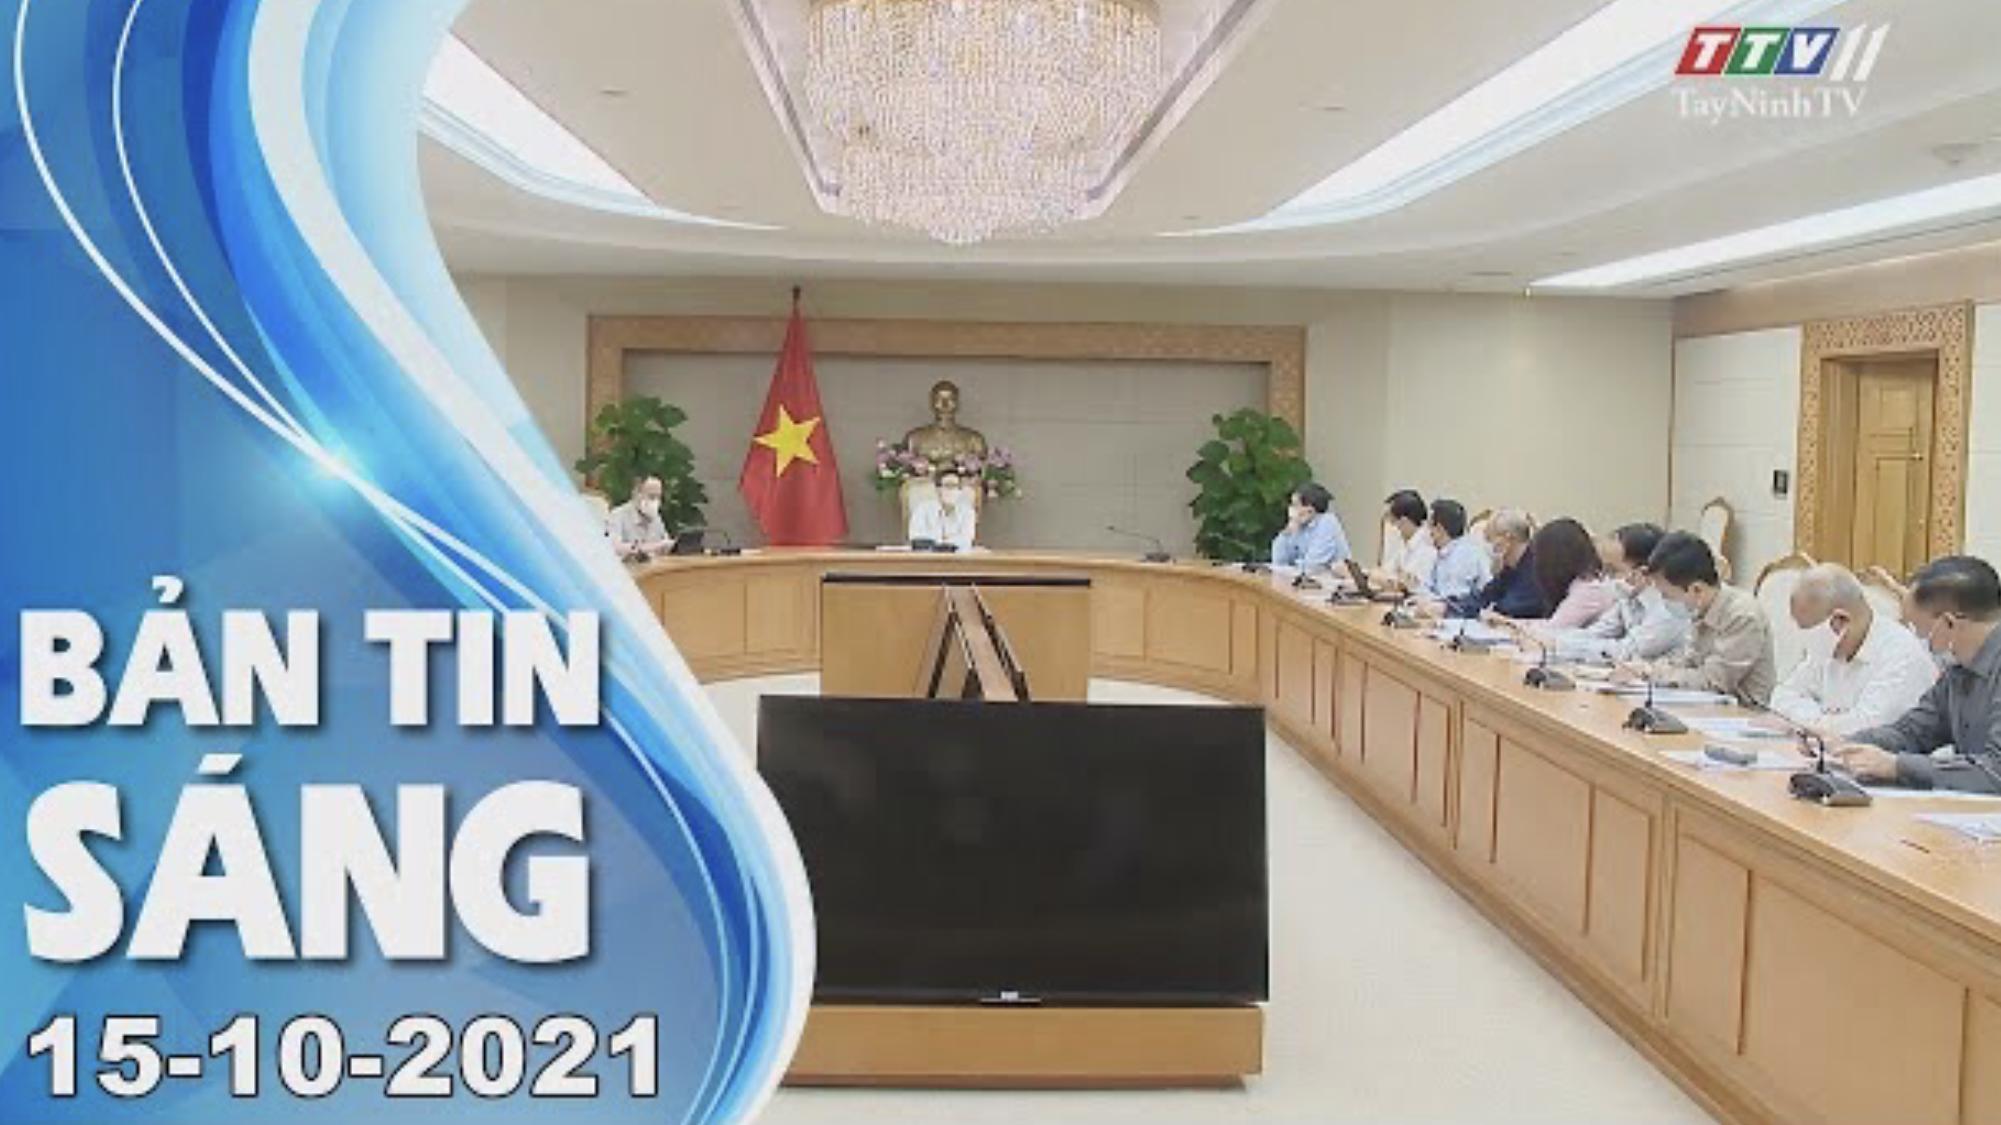 BẢN TIN SÁNG 15/10/2021 | Tin tức hôm nay | TayNinhTV